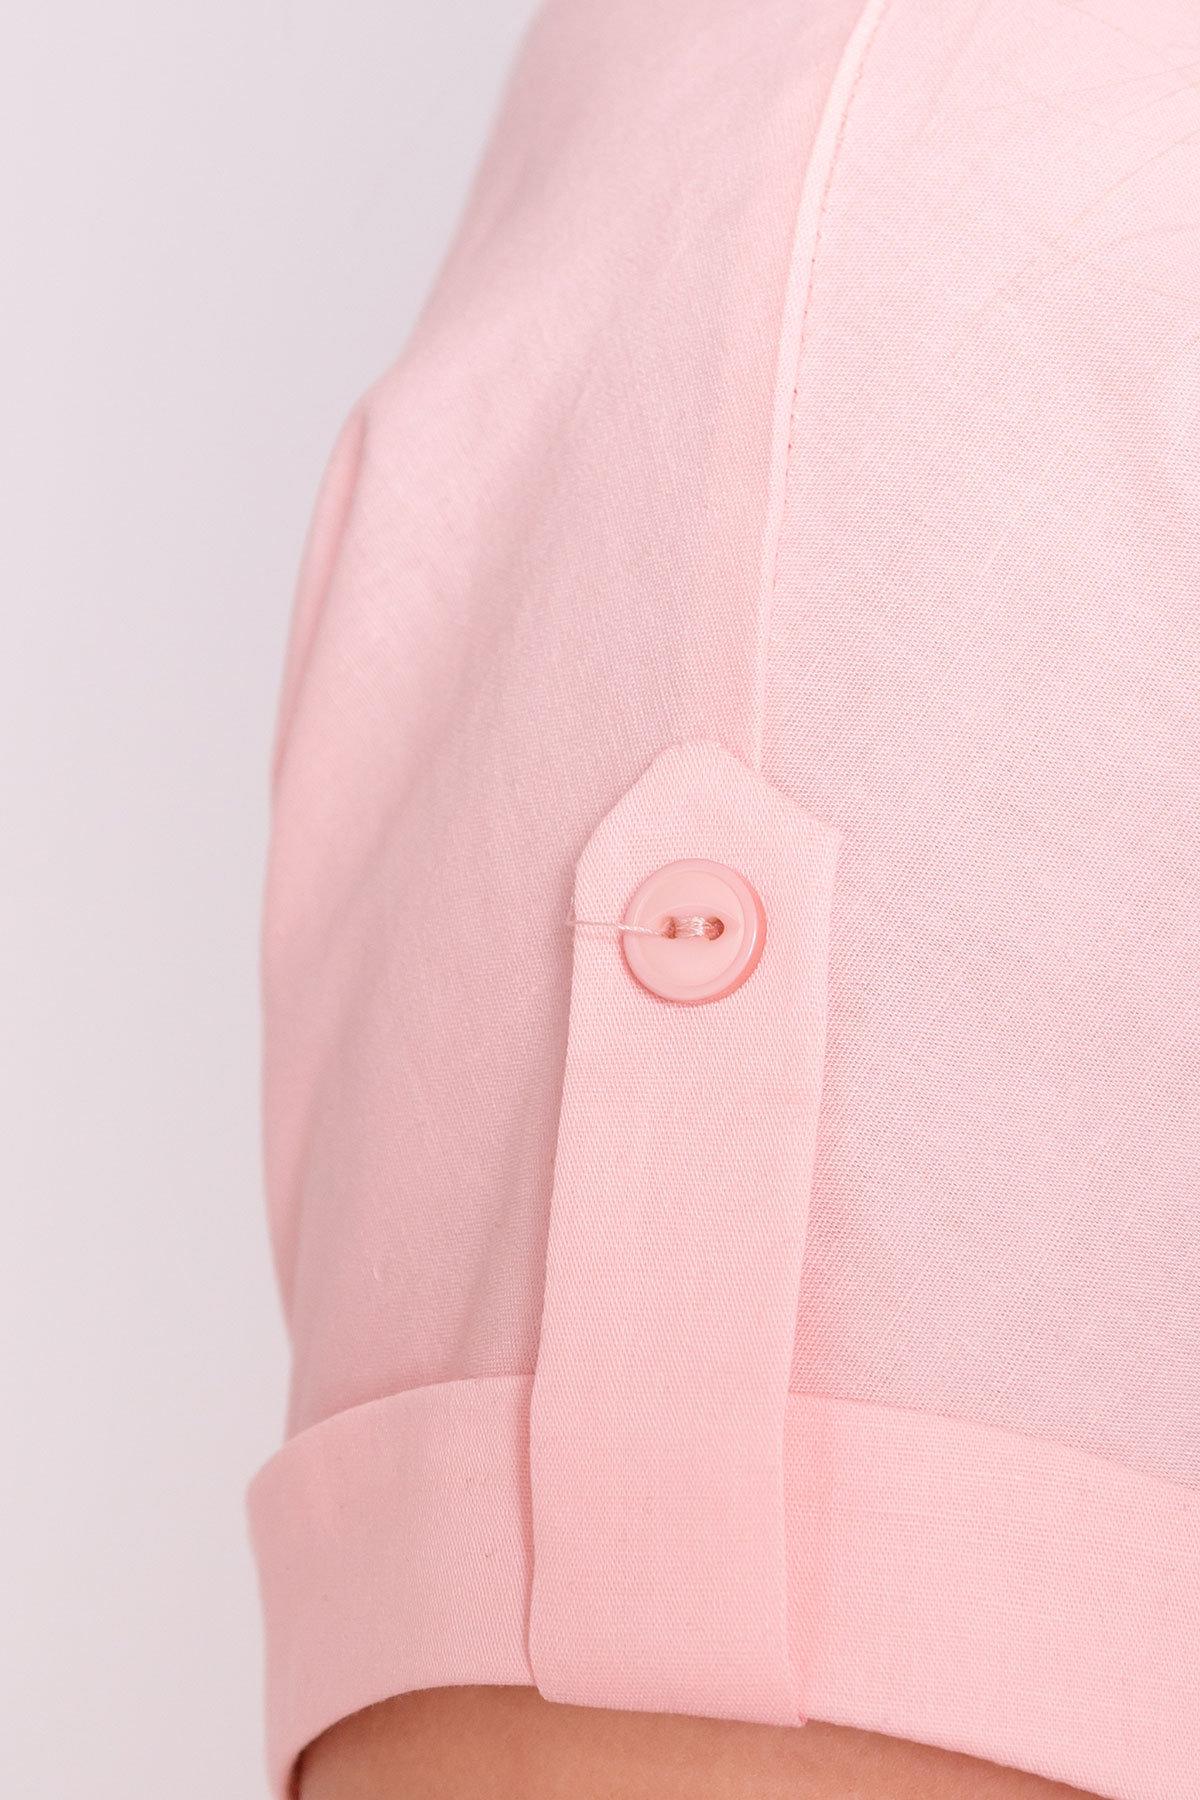 Платье-рубашка Саби  7268 АРТ. 42848 Цвет: Пудра - фото 5, интернет магазин tm-modus.ru